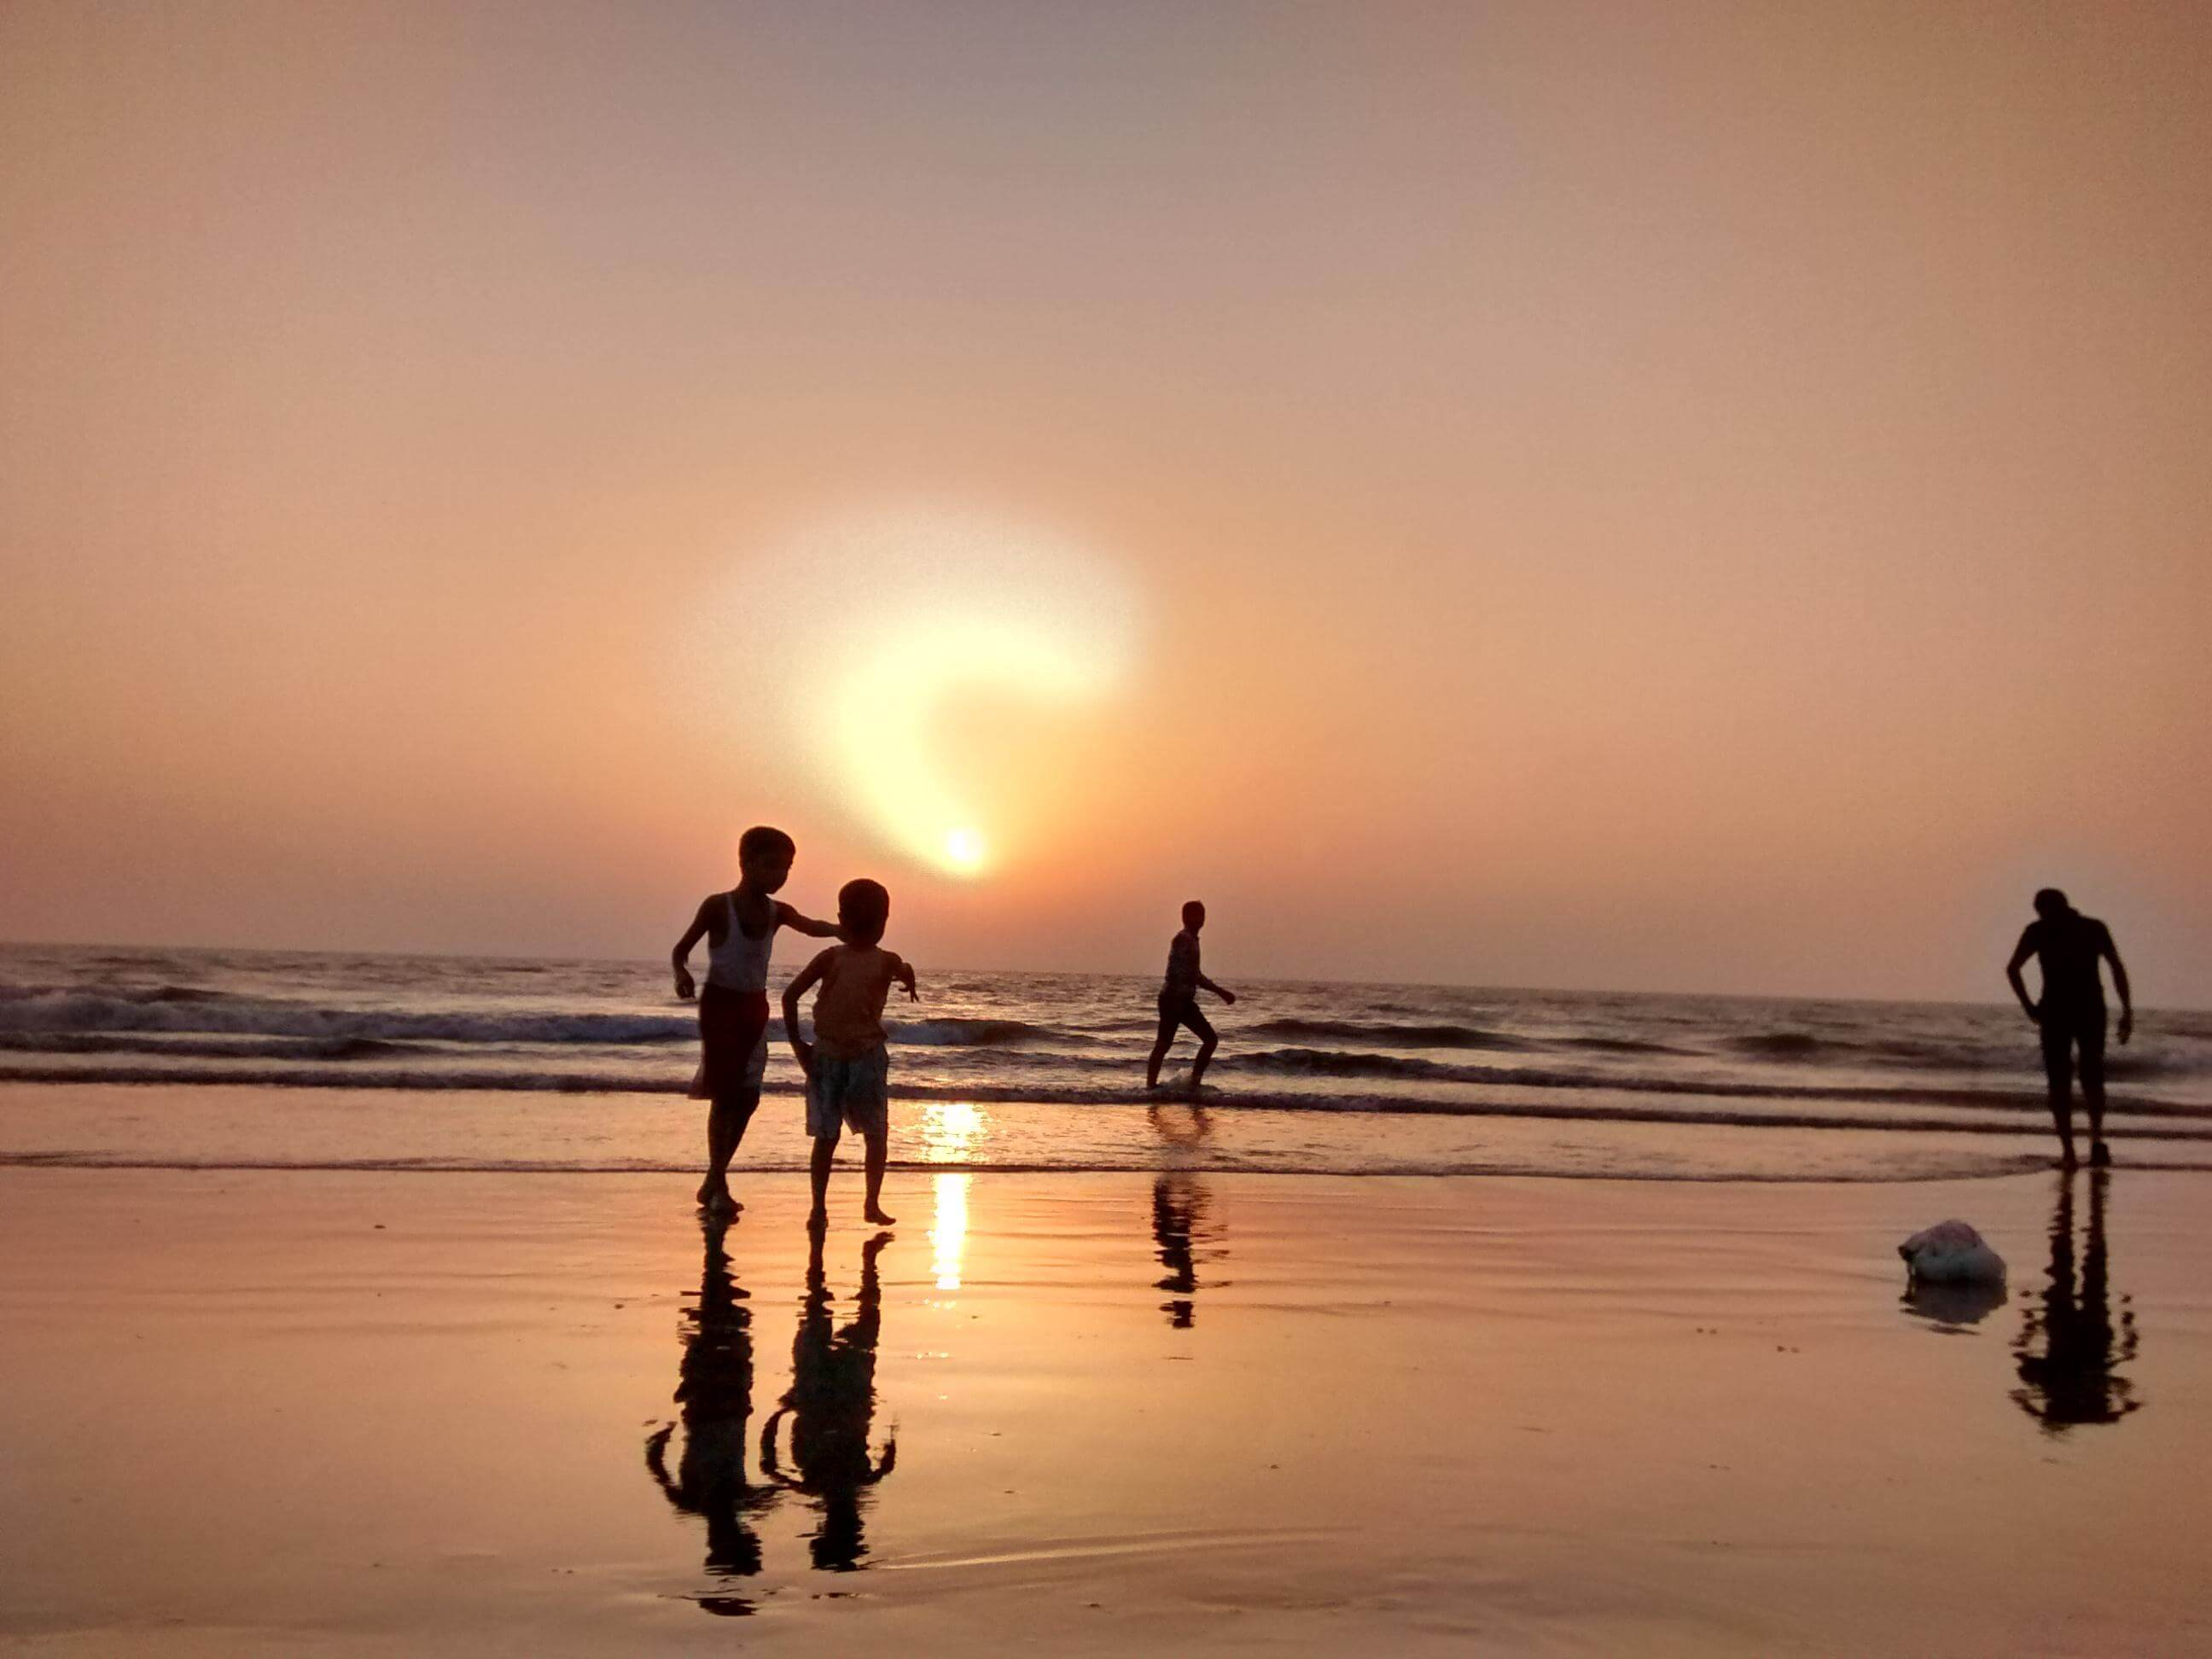 juhu beach mumbai | walk at juhu